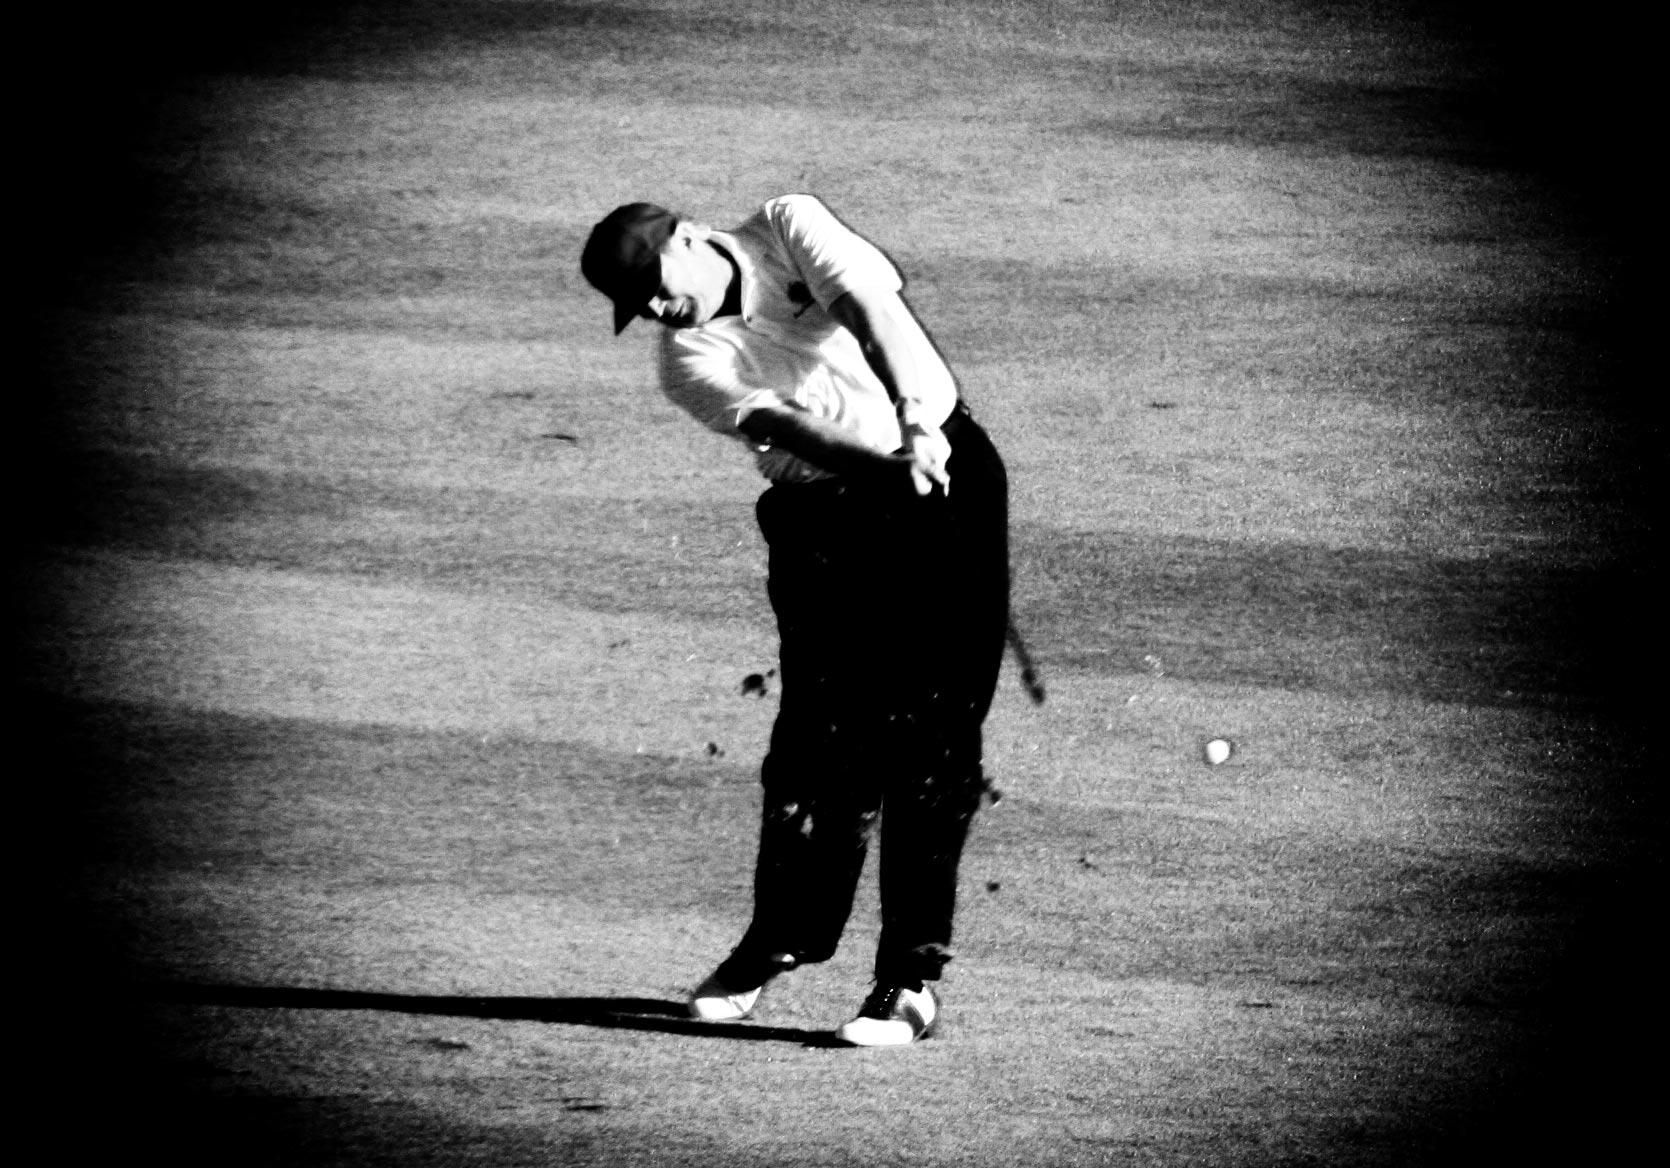 Missili & palle da golf